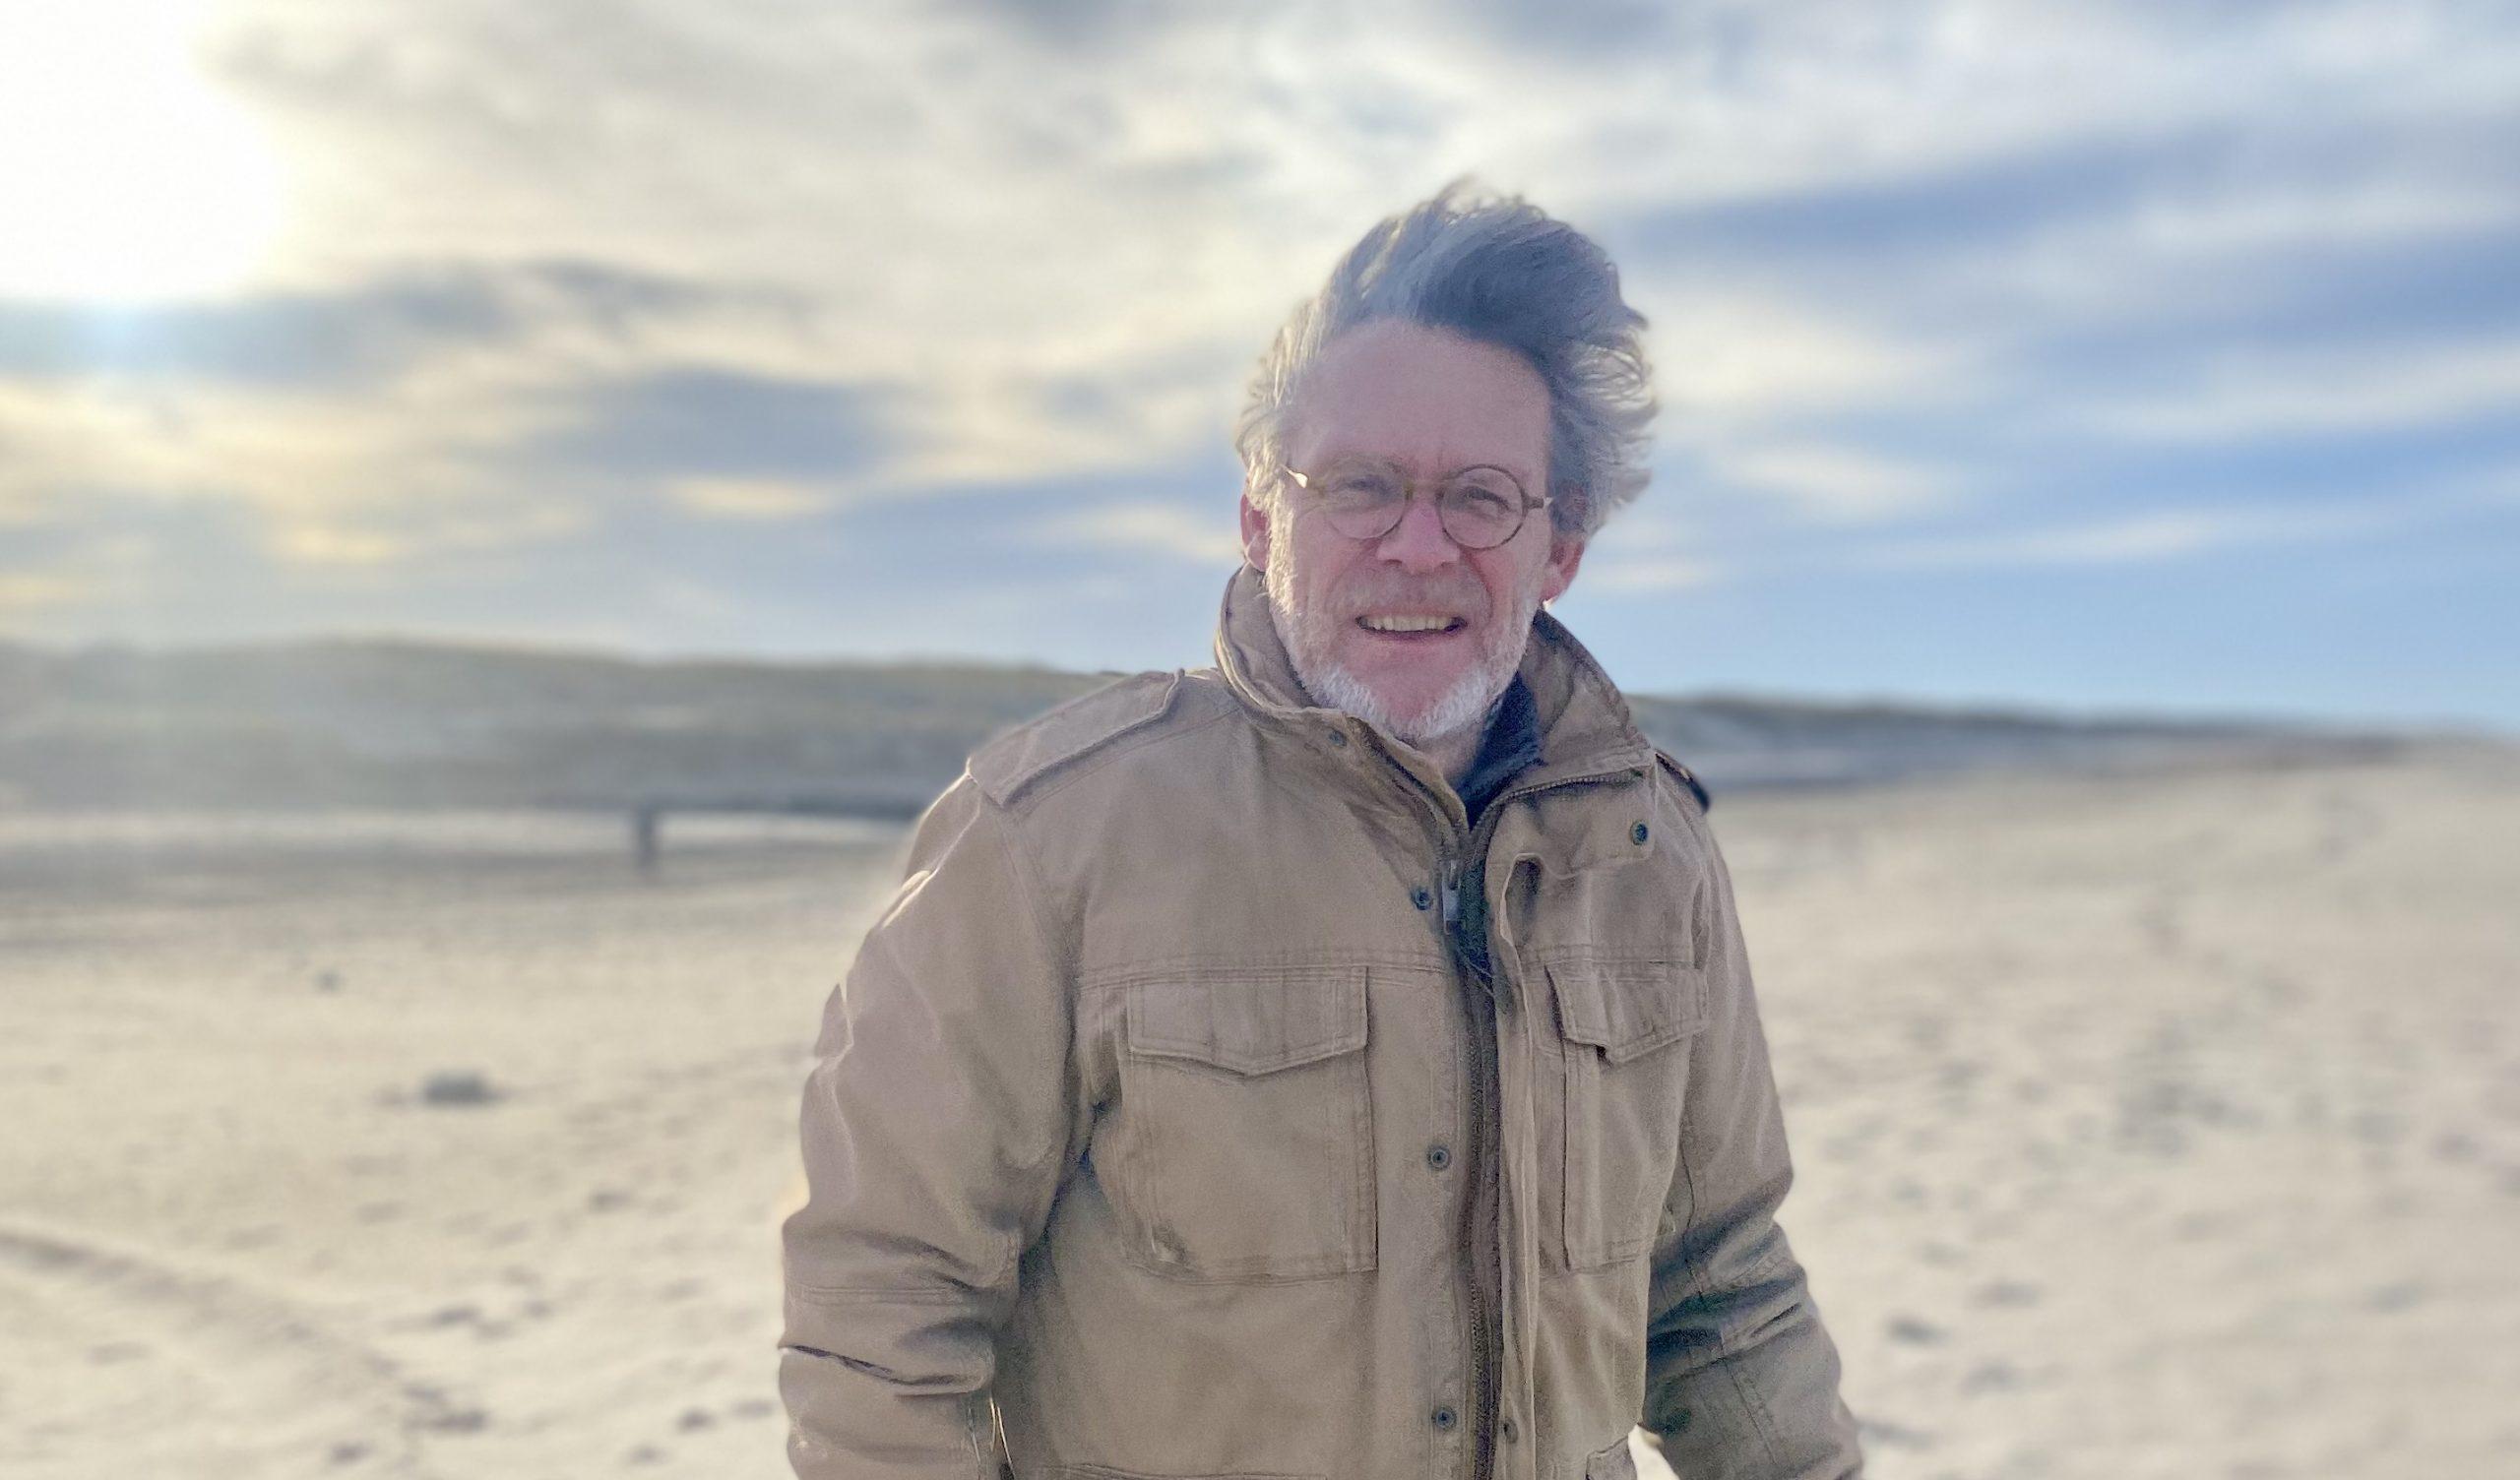 Formand for Rejsa er Jesper Hannibal, bureauchef og ejer af Hannibal Travel, der primært arrangerer oversøiske rejser. Her er han i blæsevejr på en dansk strand. PR-foto.